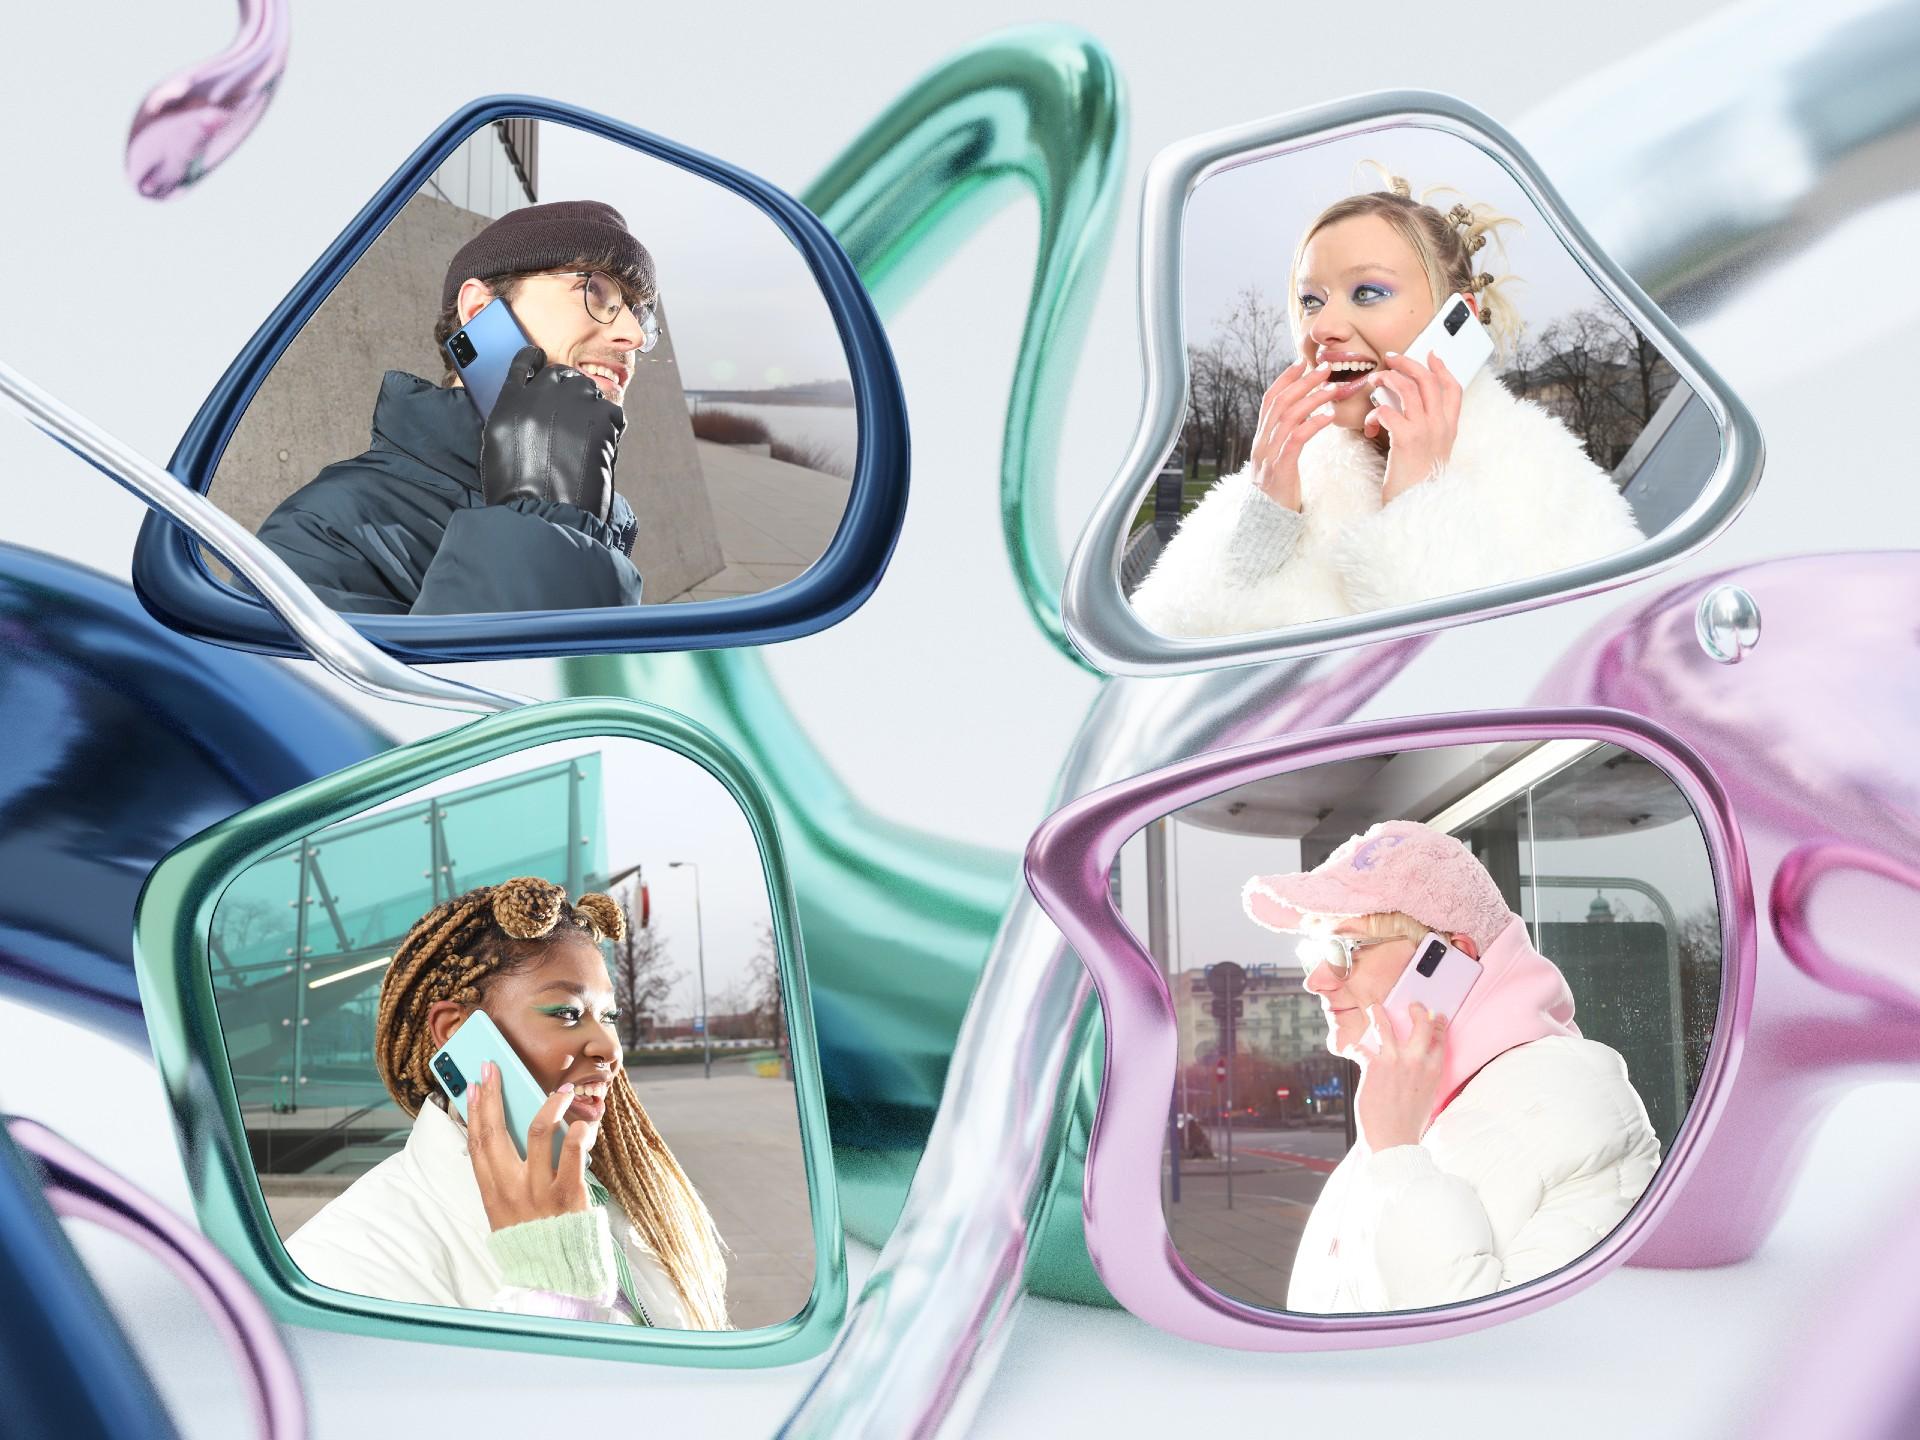 Natchnij się izrealizuj swoje zajawki znowym smartfonem Galaxy S20 FE 5G marki Samsung iobczaj naszą ligę influencerów